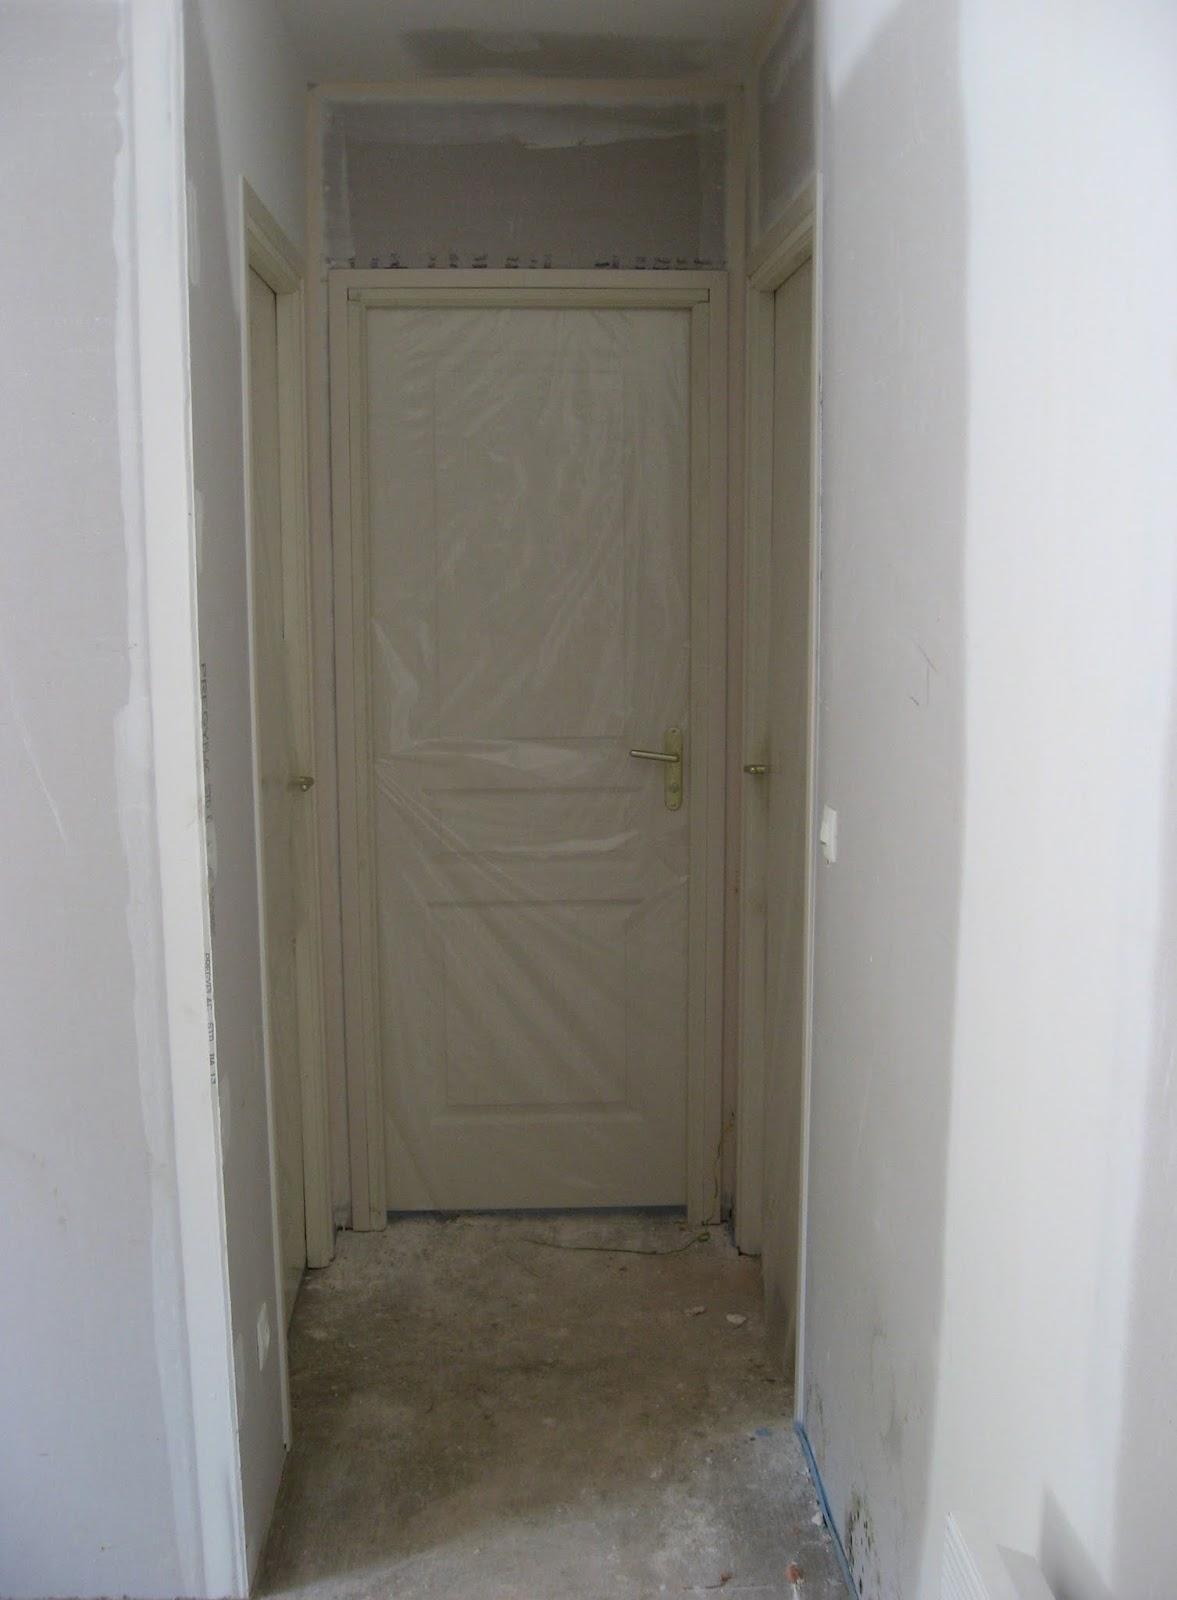 Maison de j r me et laetitia portes int rieur for Porte interieur de maison